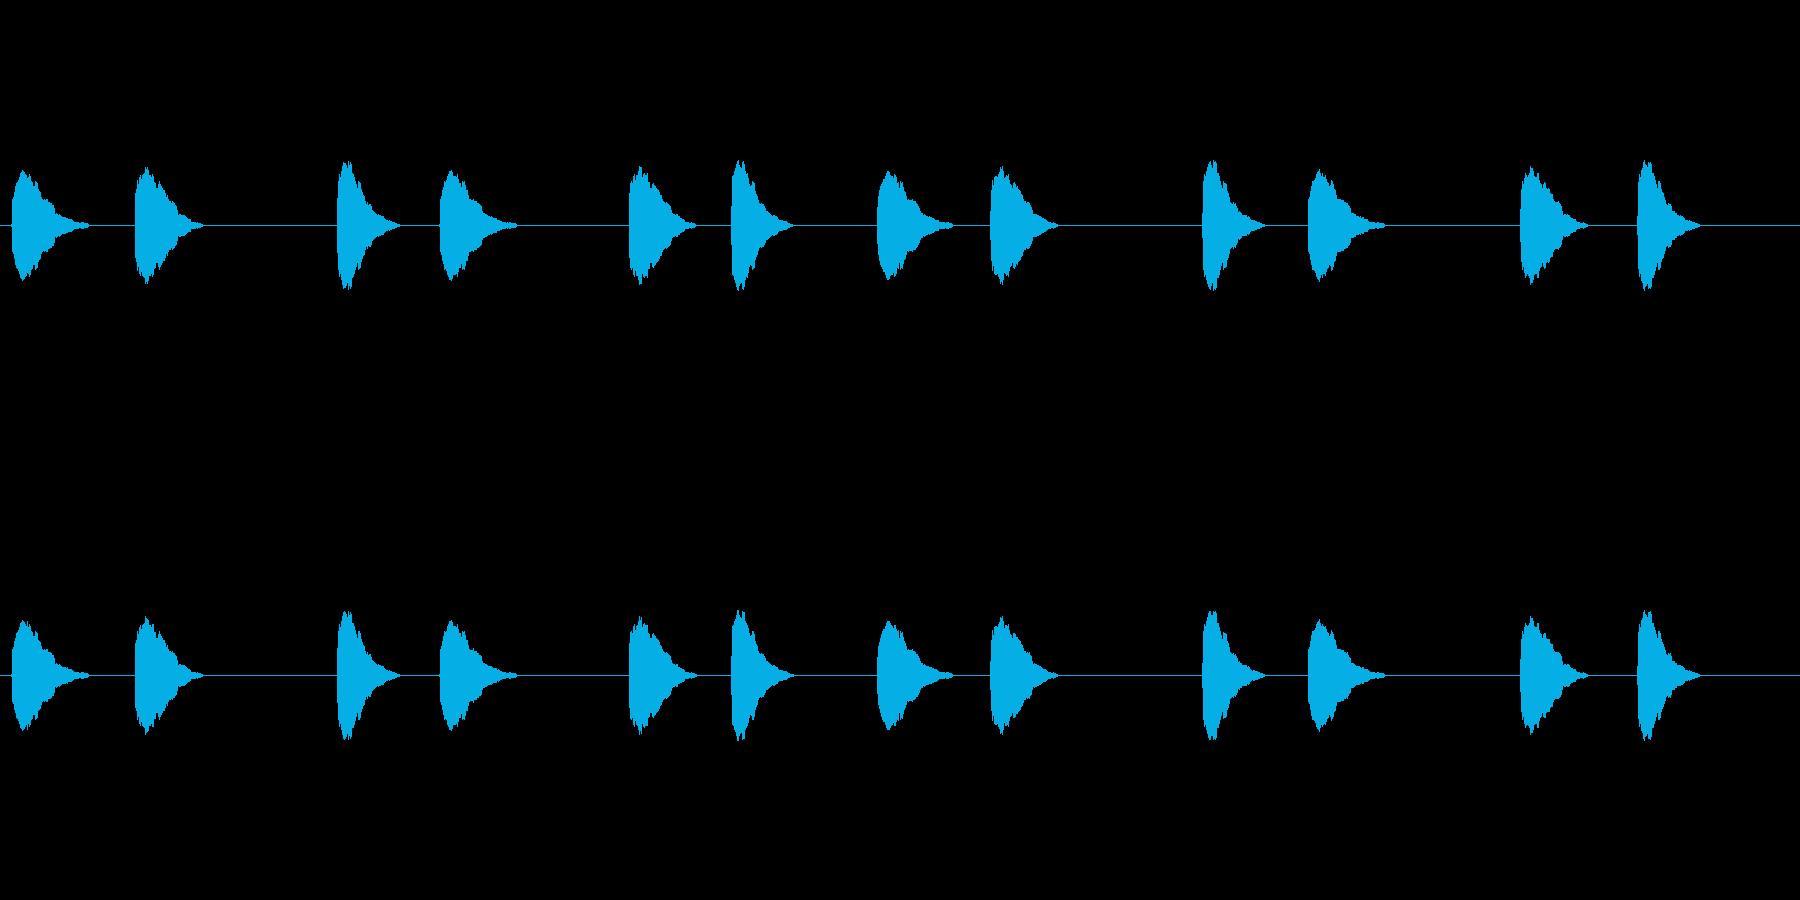 【カラス 合成01-3】の再生済みの波形